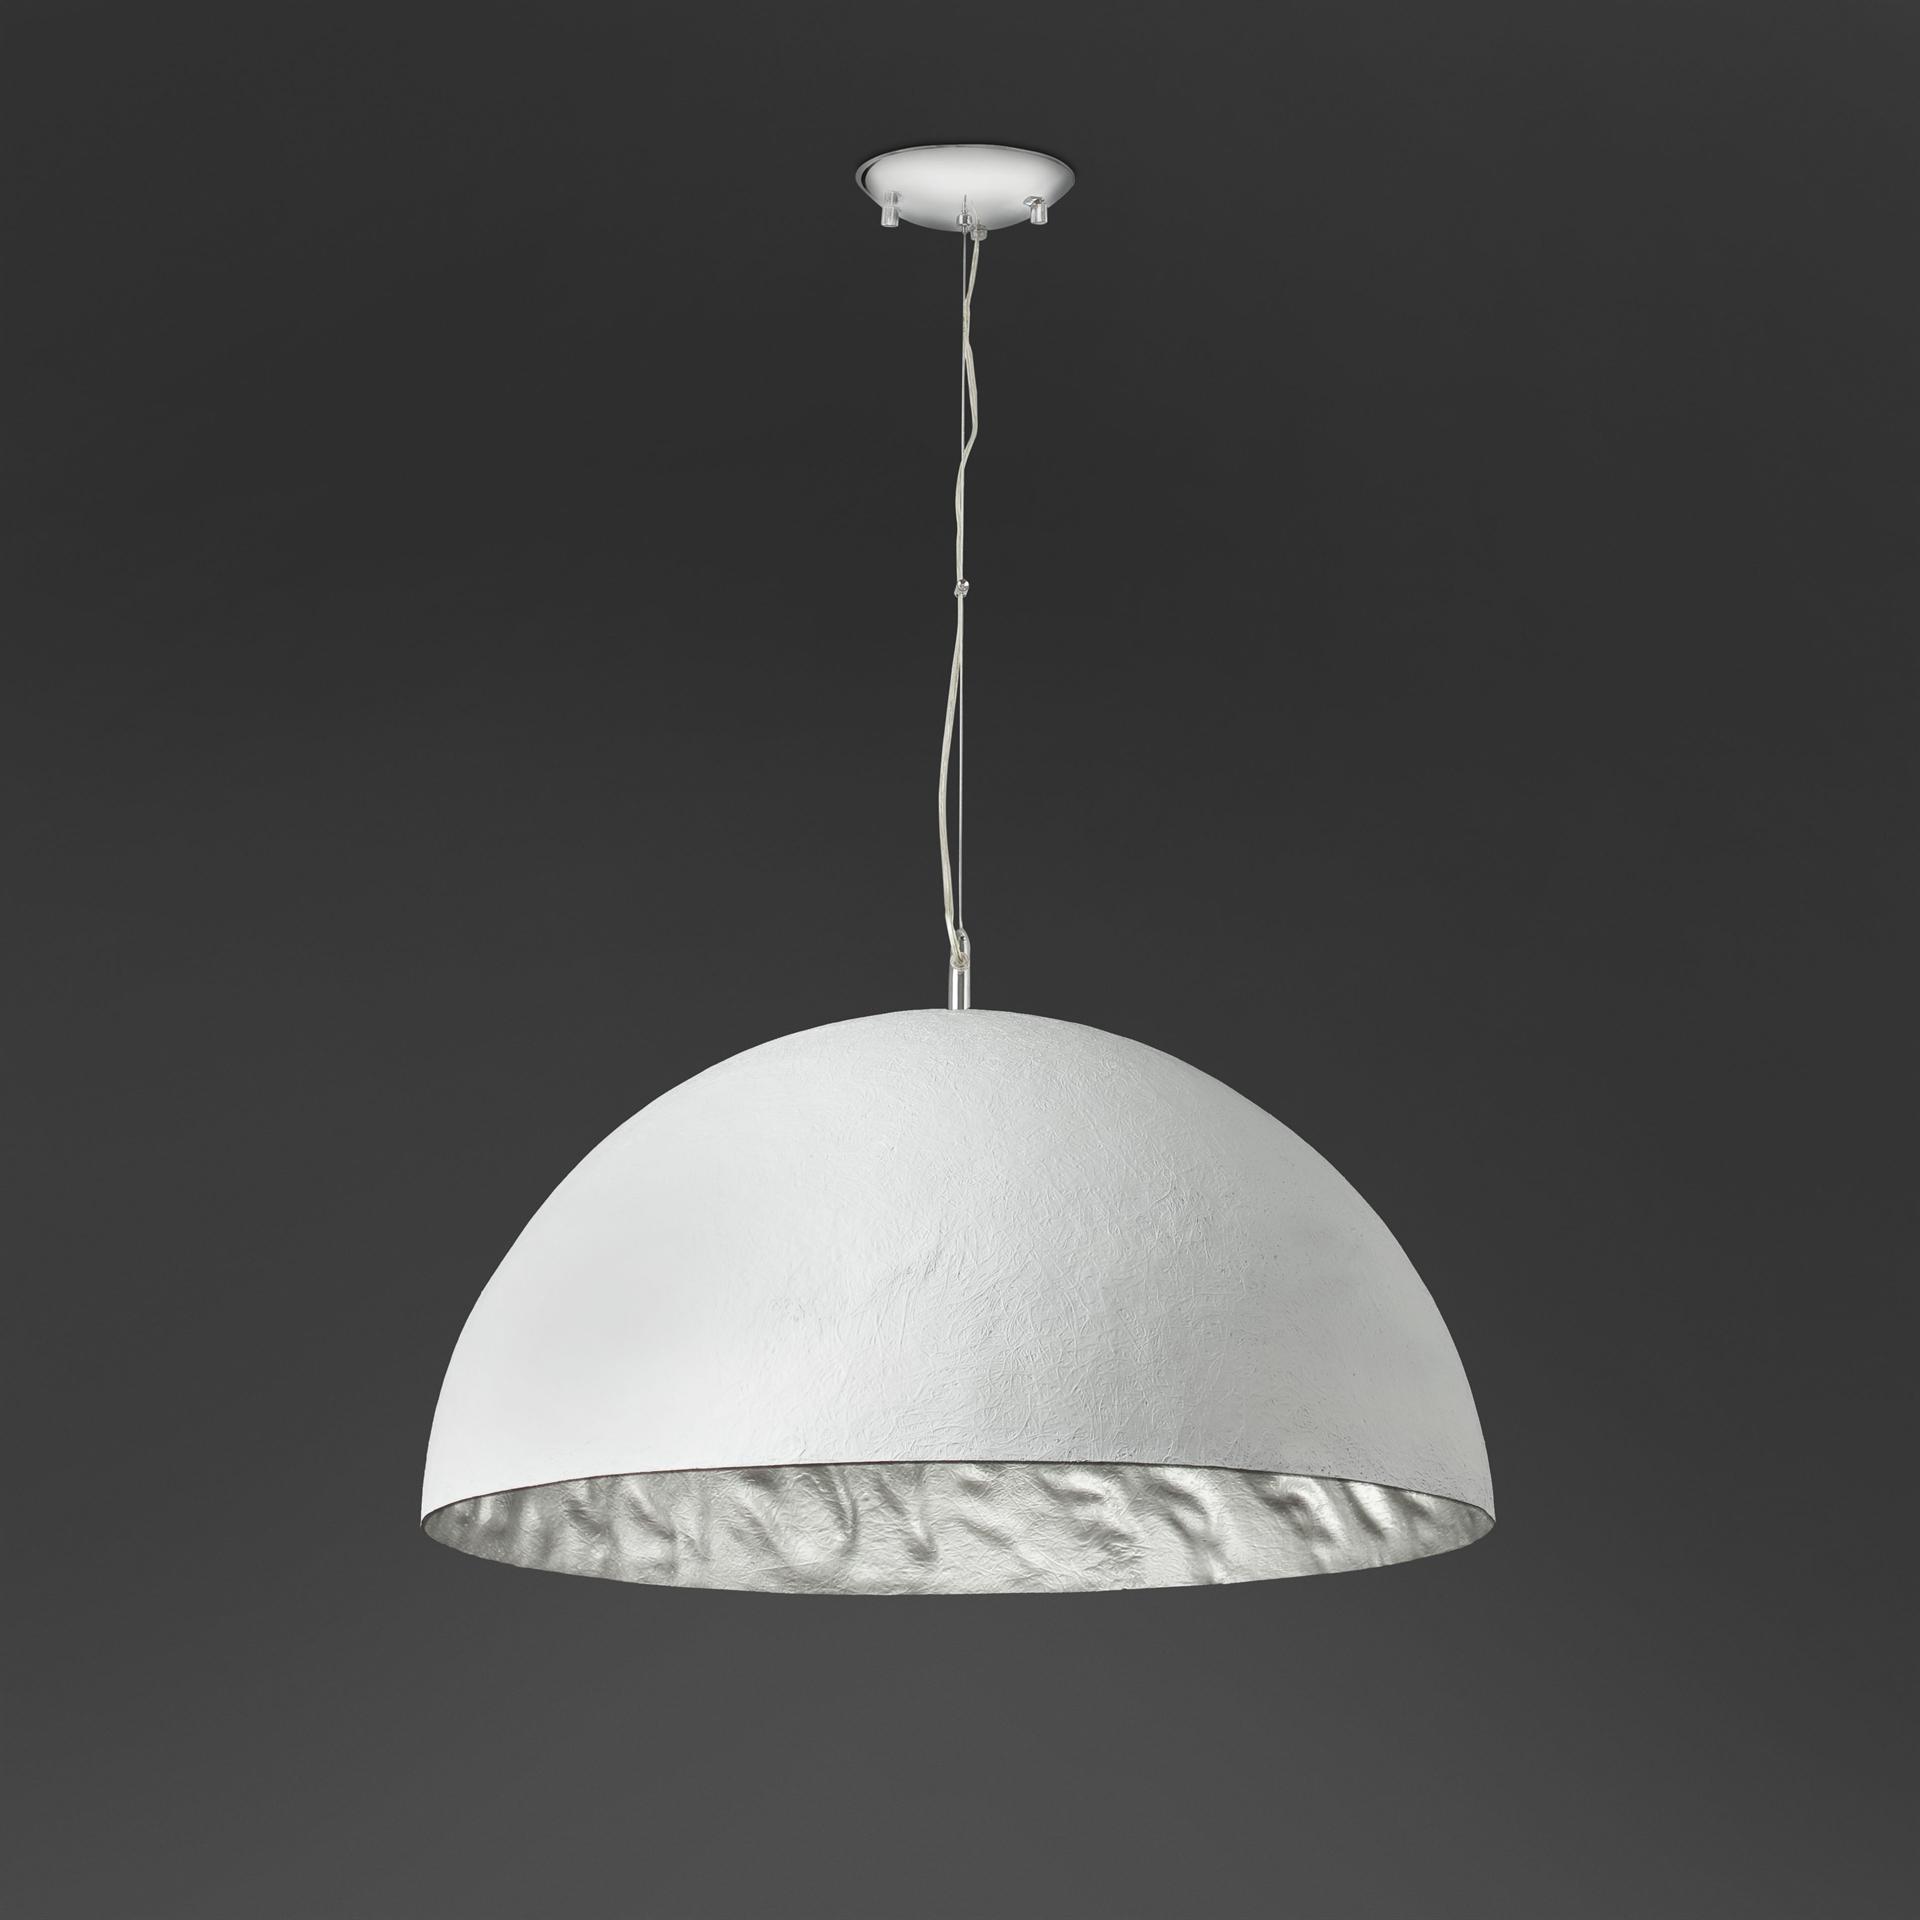 GRANDE LAMPADARIO DA SOGGIORNO CUPOLA 70CM BIANCO ARGENTO - 28398